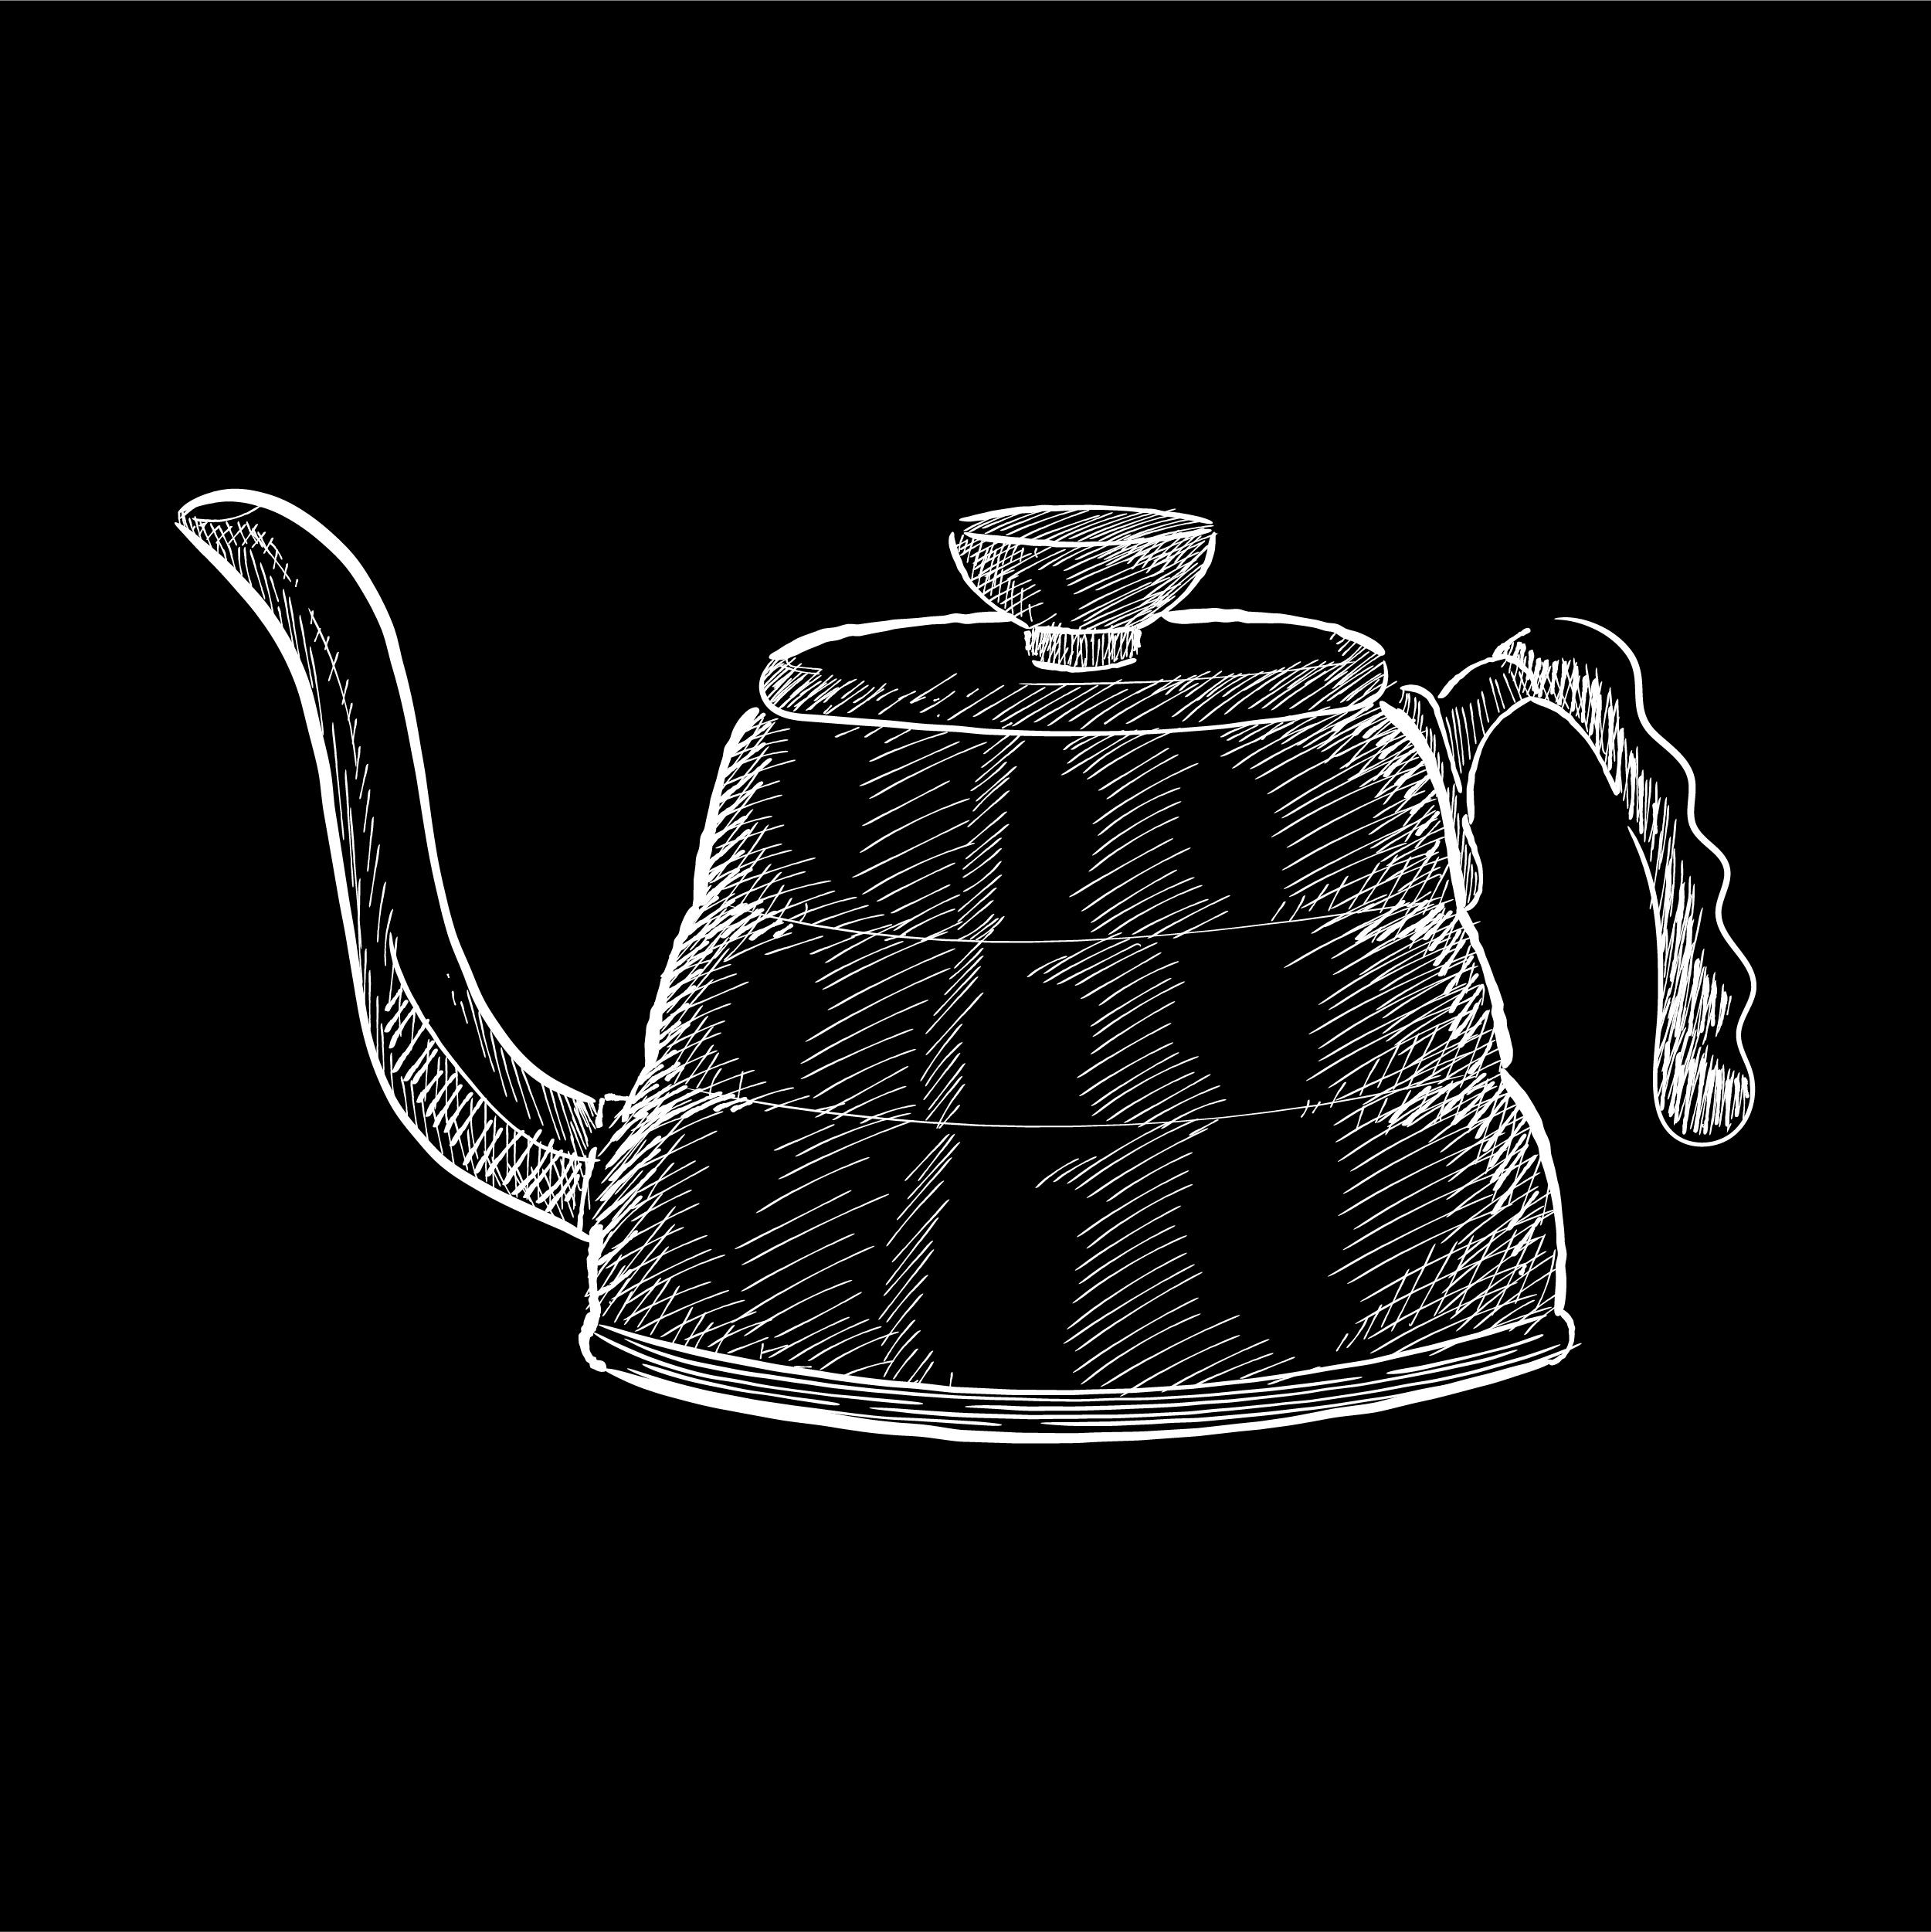 Vintage illustration of a tea kettle - Download Free ...